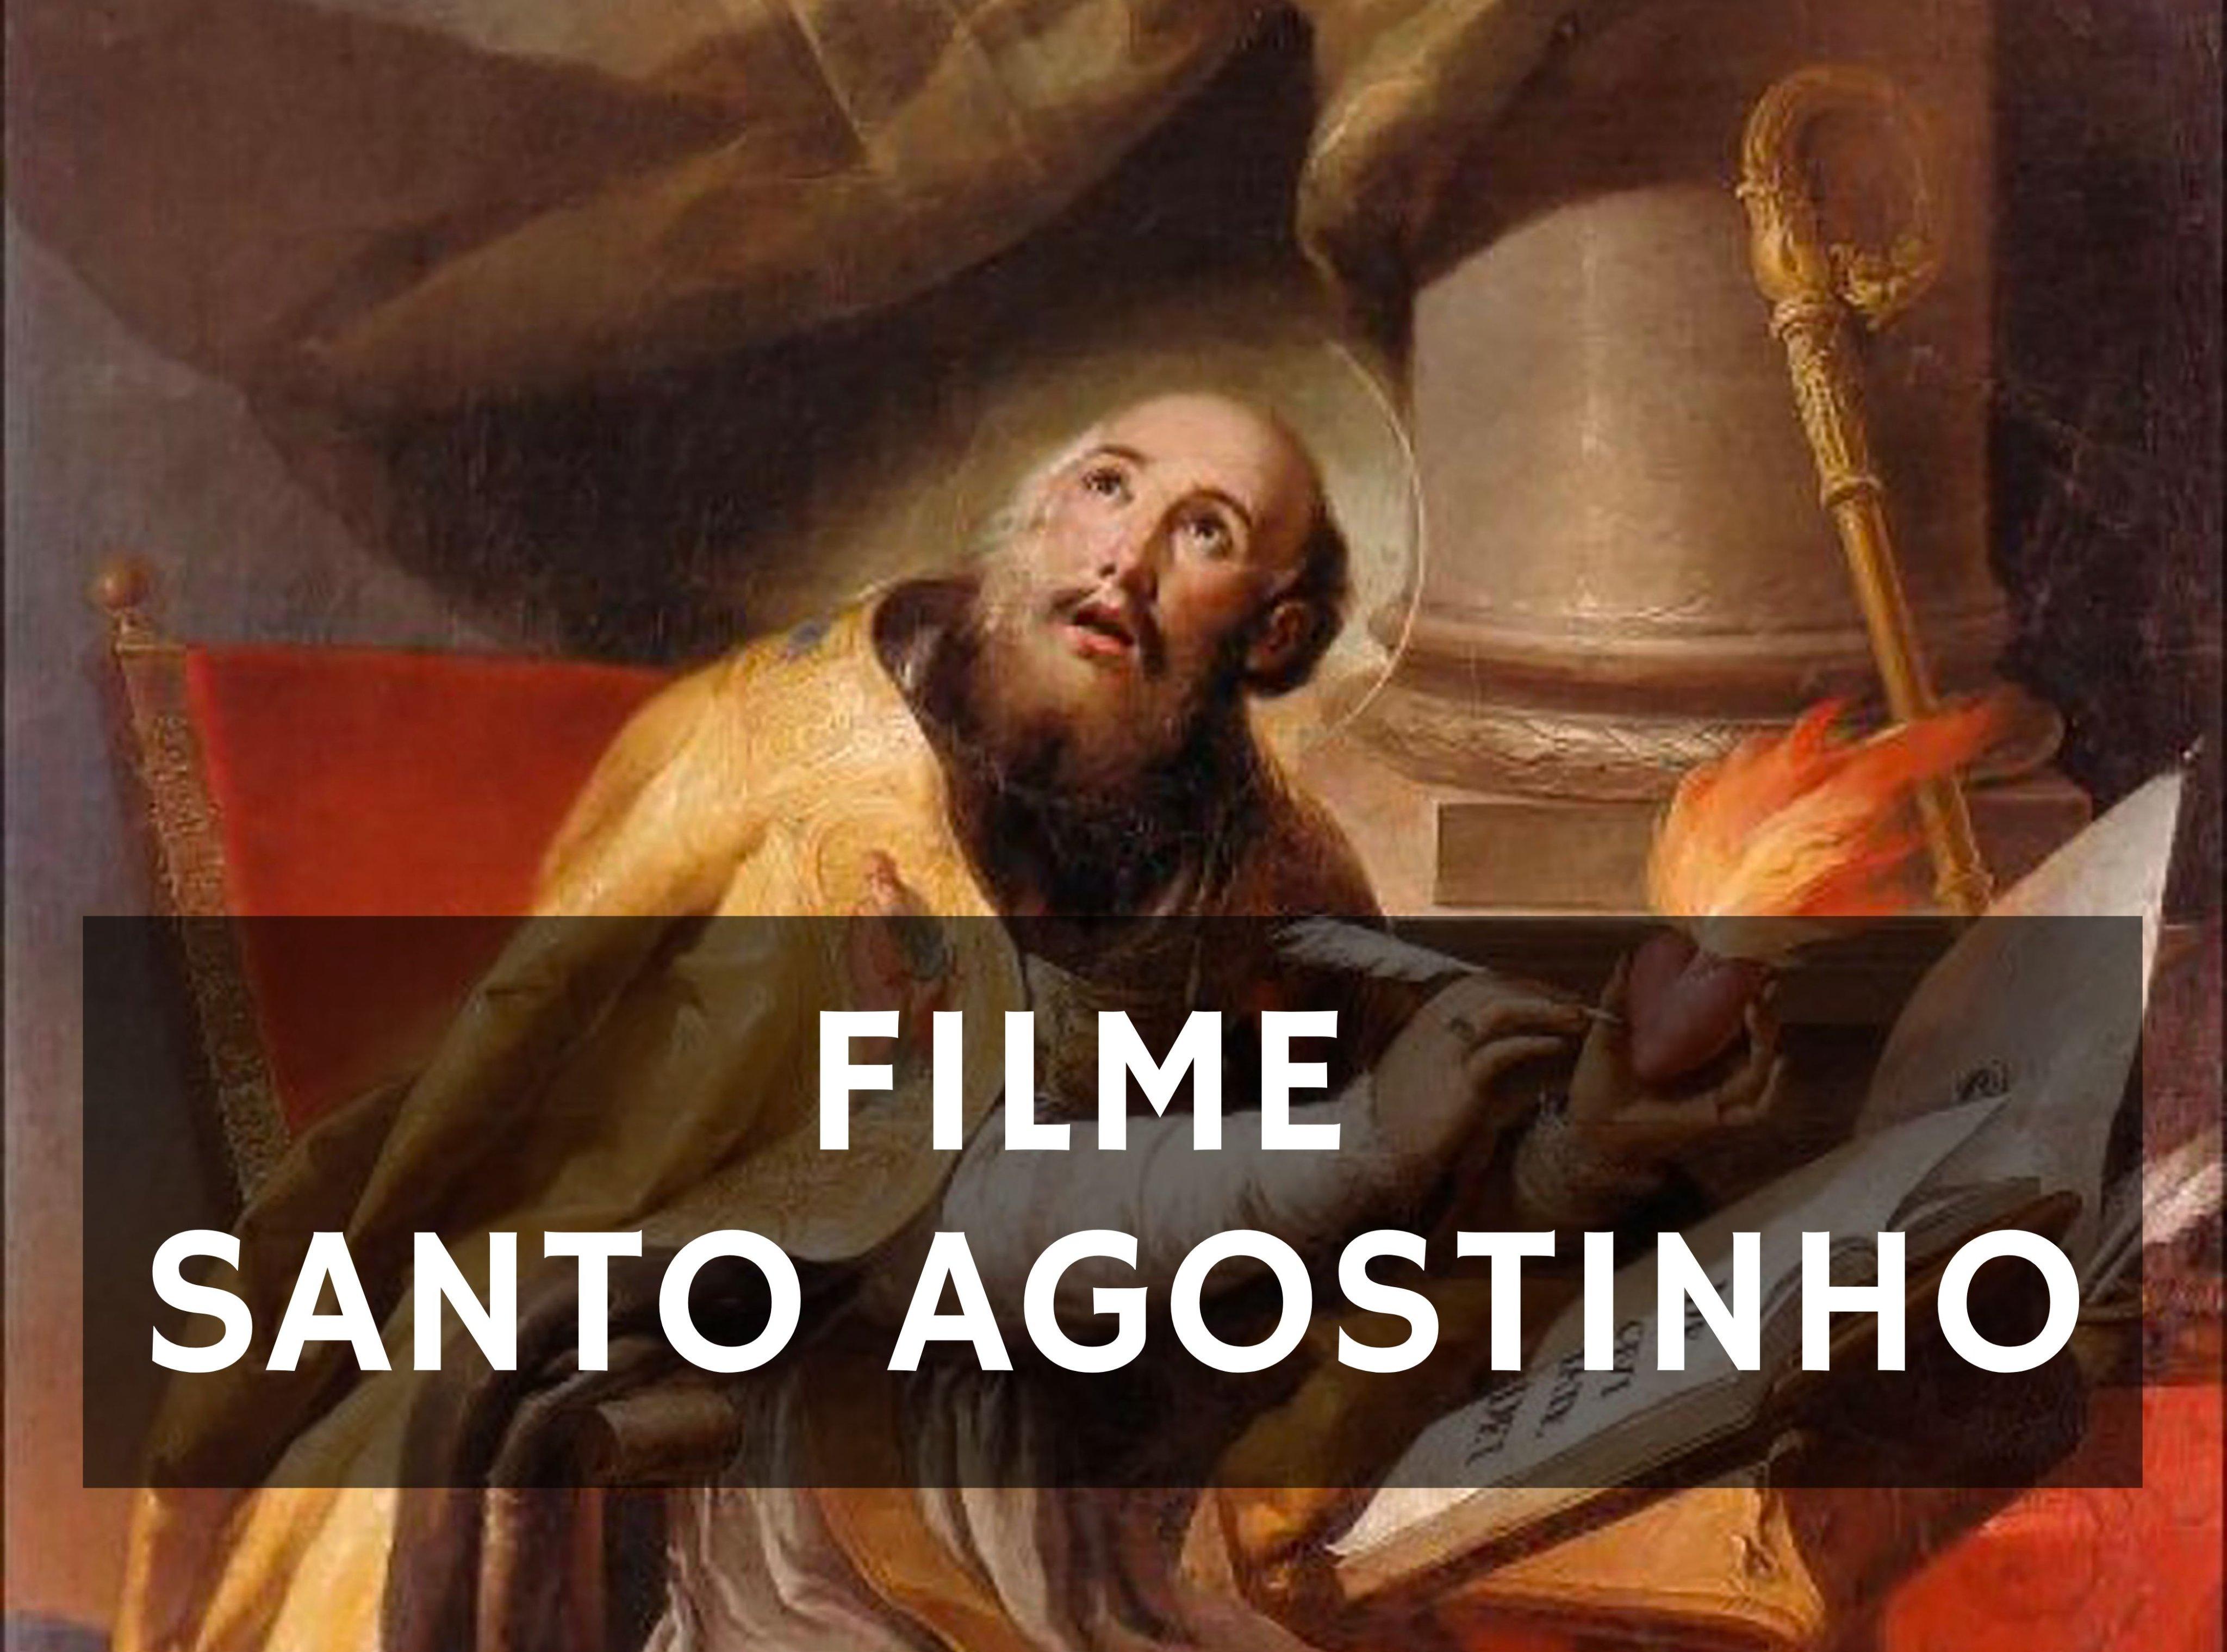 Filme de Santo Agostinho